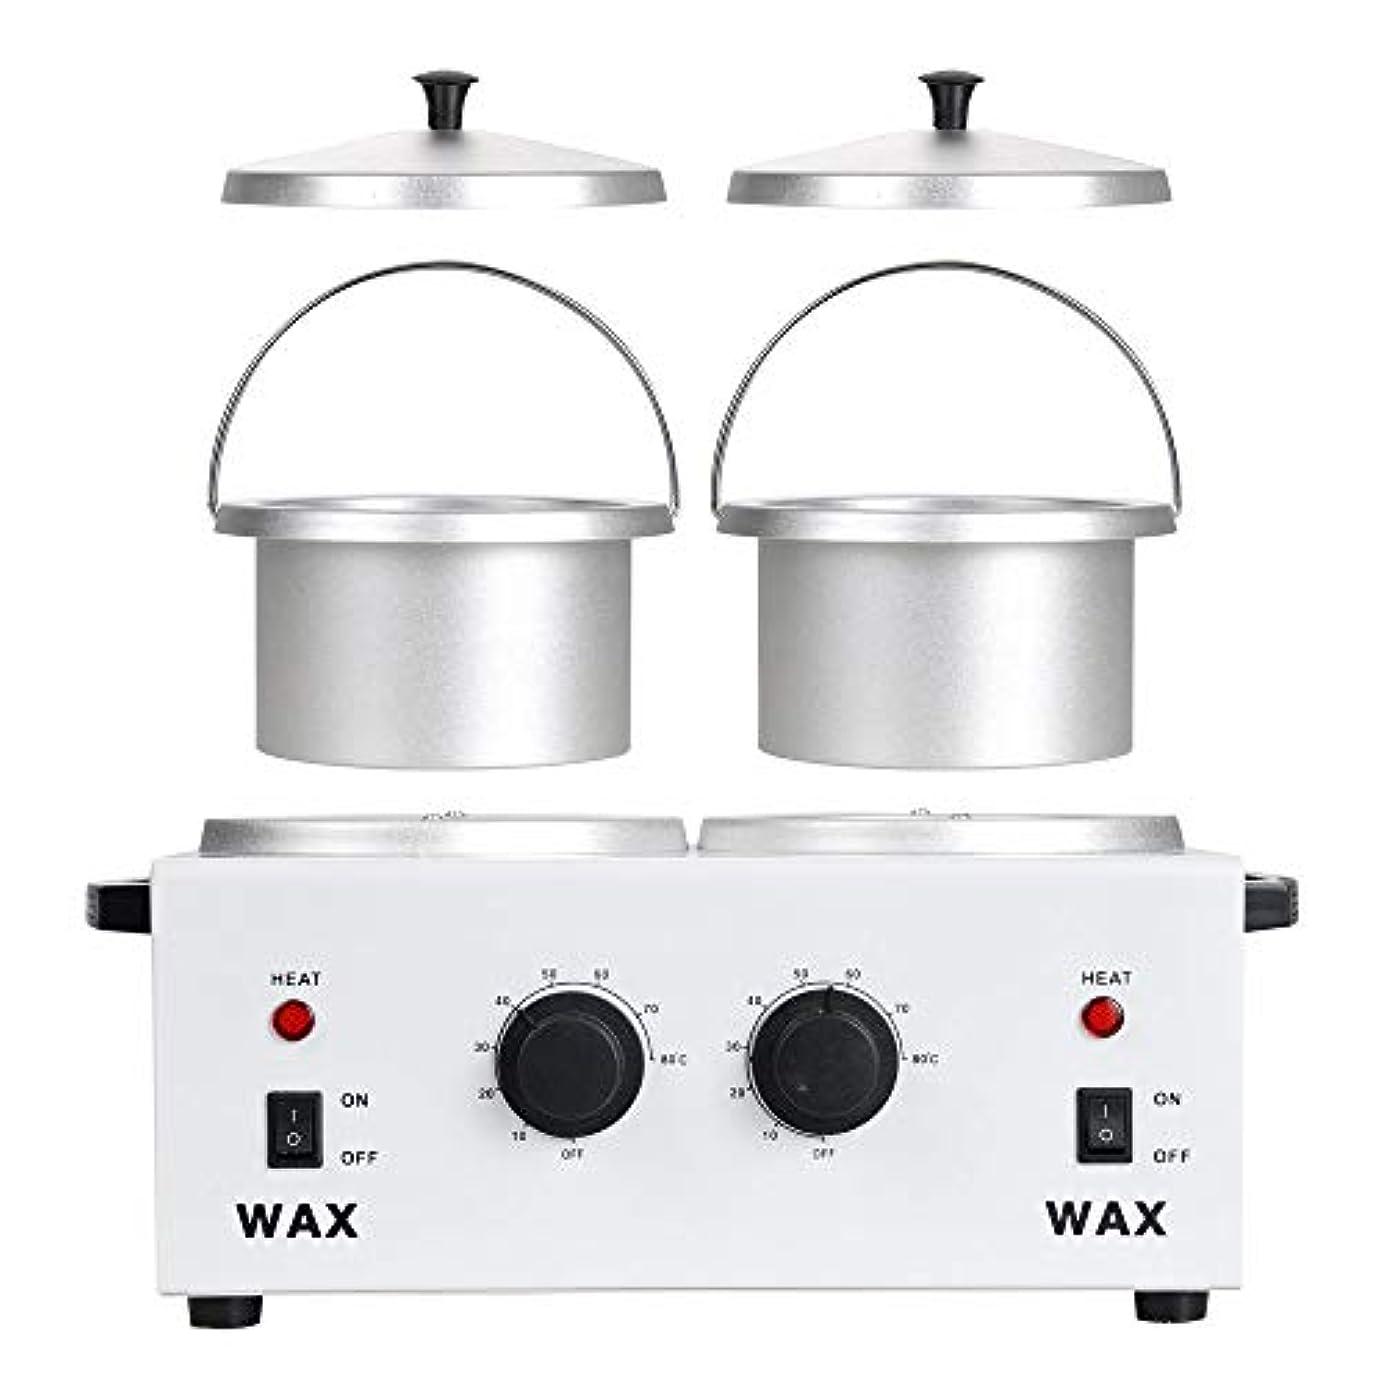 延期するしばしばシンポジウムワックスウォーマープロフェッショナル電気ヒーター、ワックスウォーマー美容機ダブル鍋専門サロン機器、ワックスウォーマー脱毛ワックスがけキット